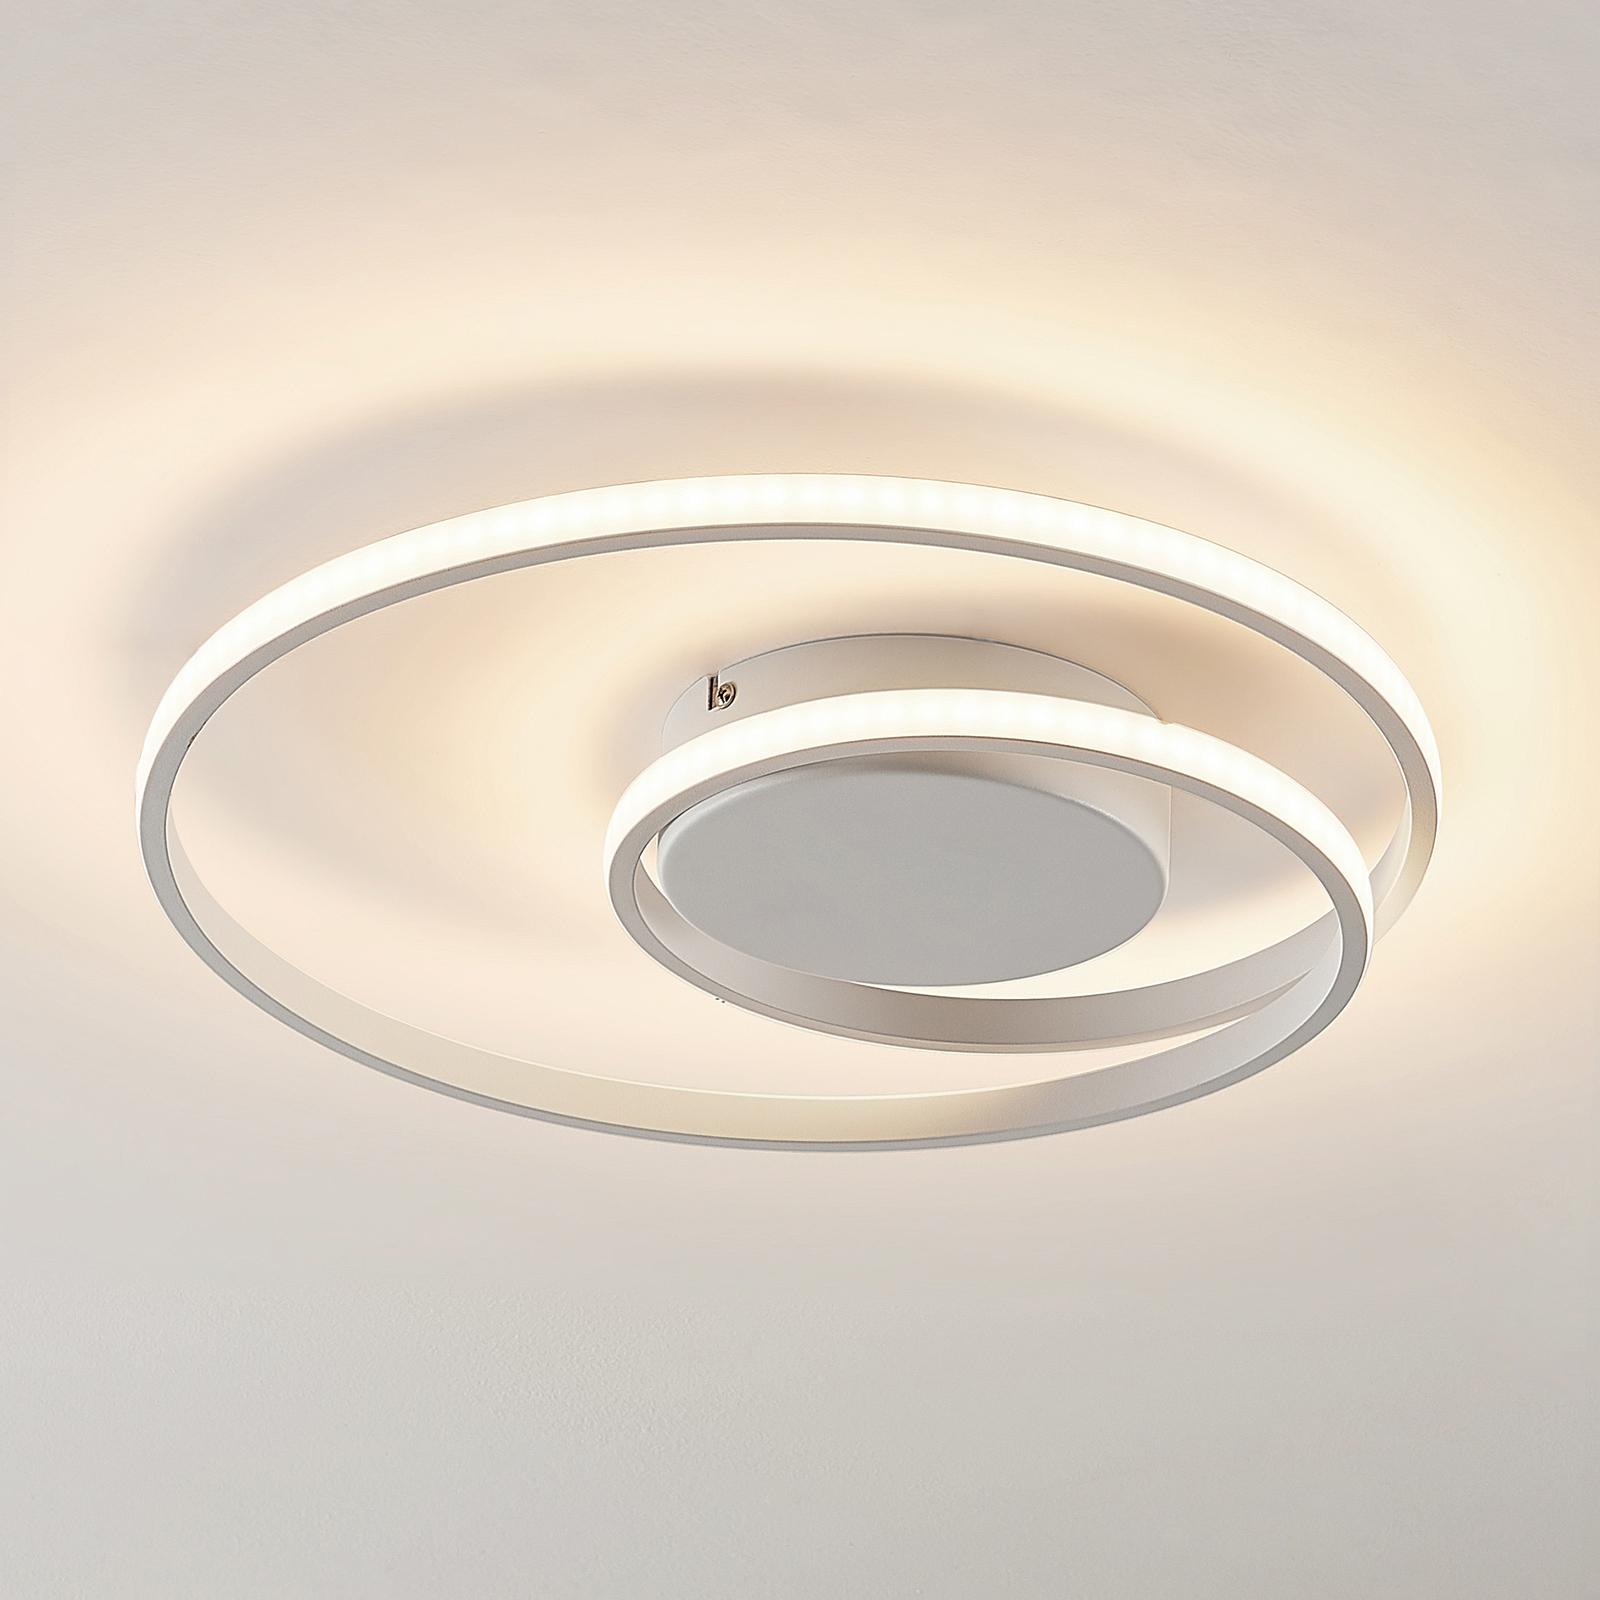 Lindby Kyron lampa sufitowa LED, biała matowa